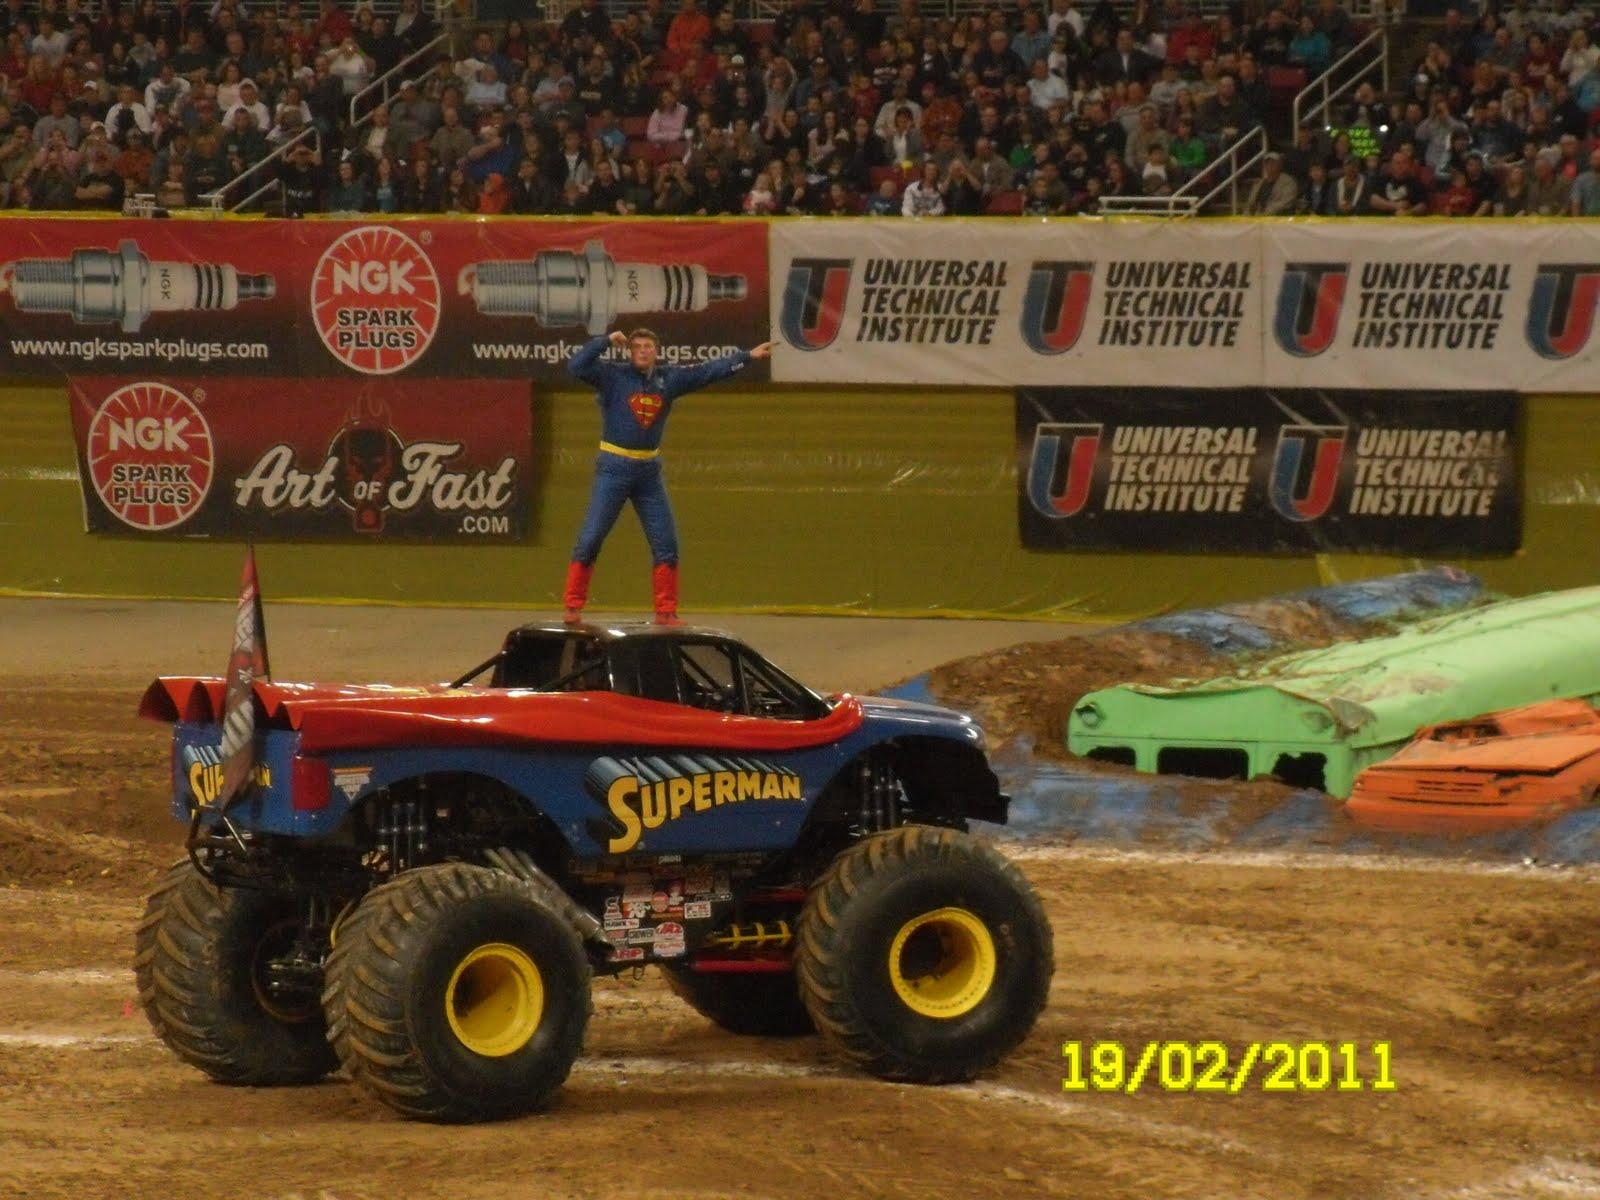 Superman Monster Trucks